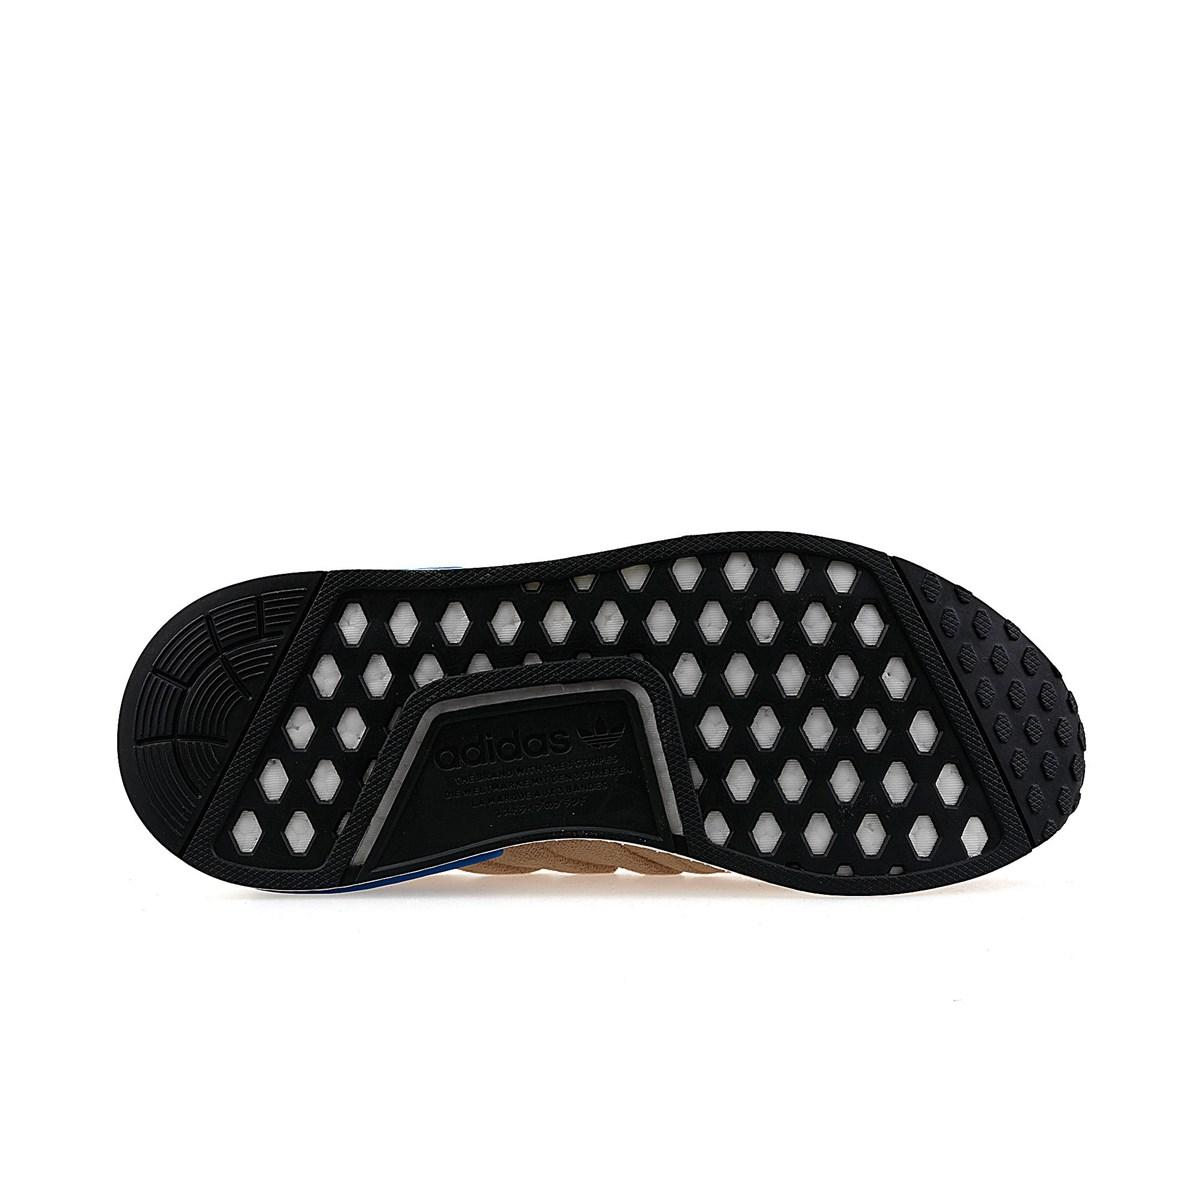 adidas NMD_R1 Erkek Bej Spor Ayakkabı (EE5101)